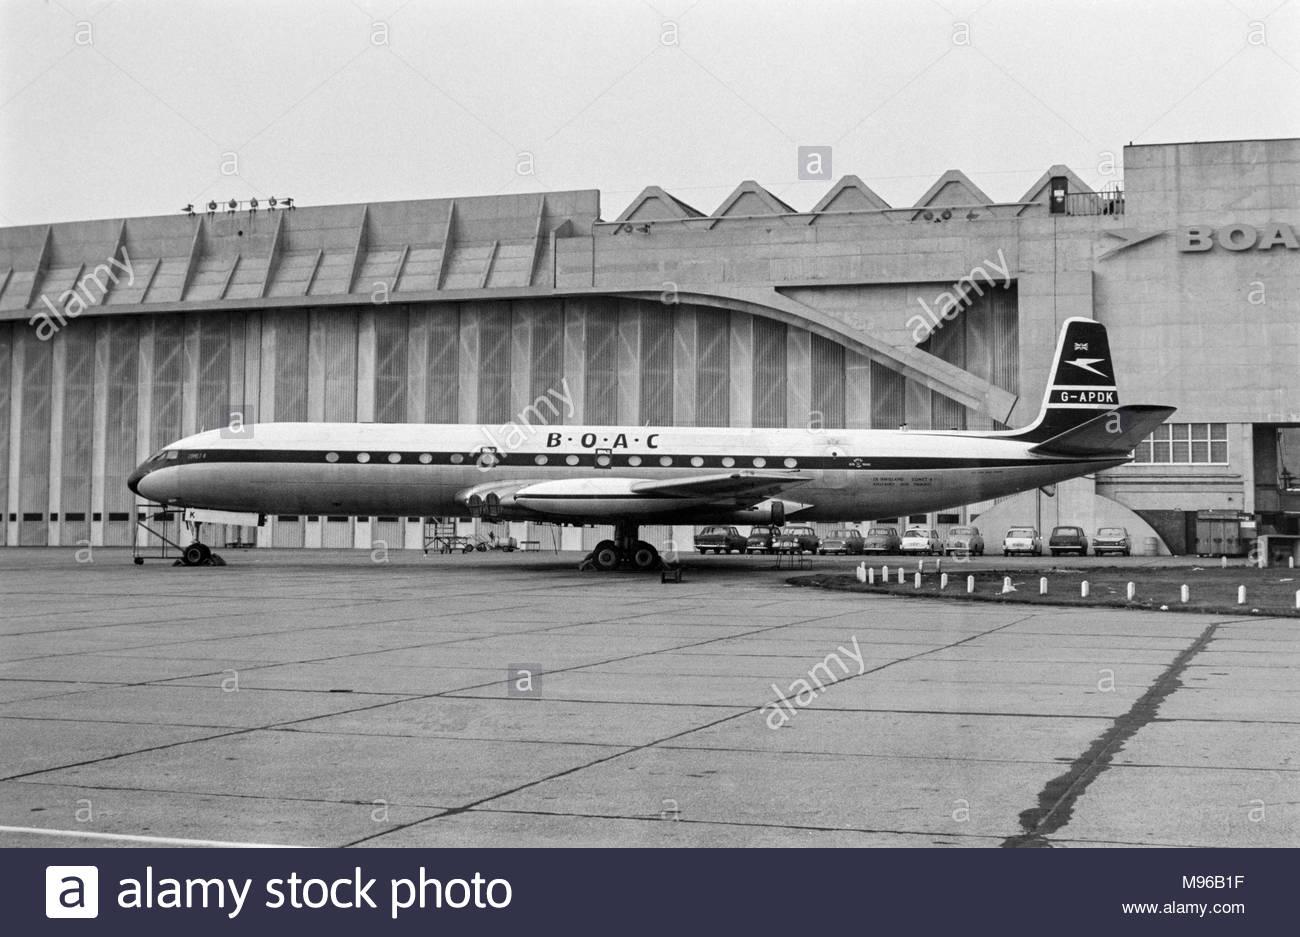 una-de-havilland-comet-4-g-apdk-propiedad-de-la-boac-al-aeropuerto-heathrow-de-londres-en-1959-boac-fuera-del-hangar-m96b1f